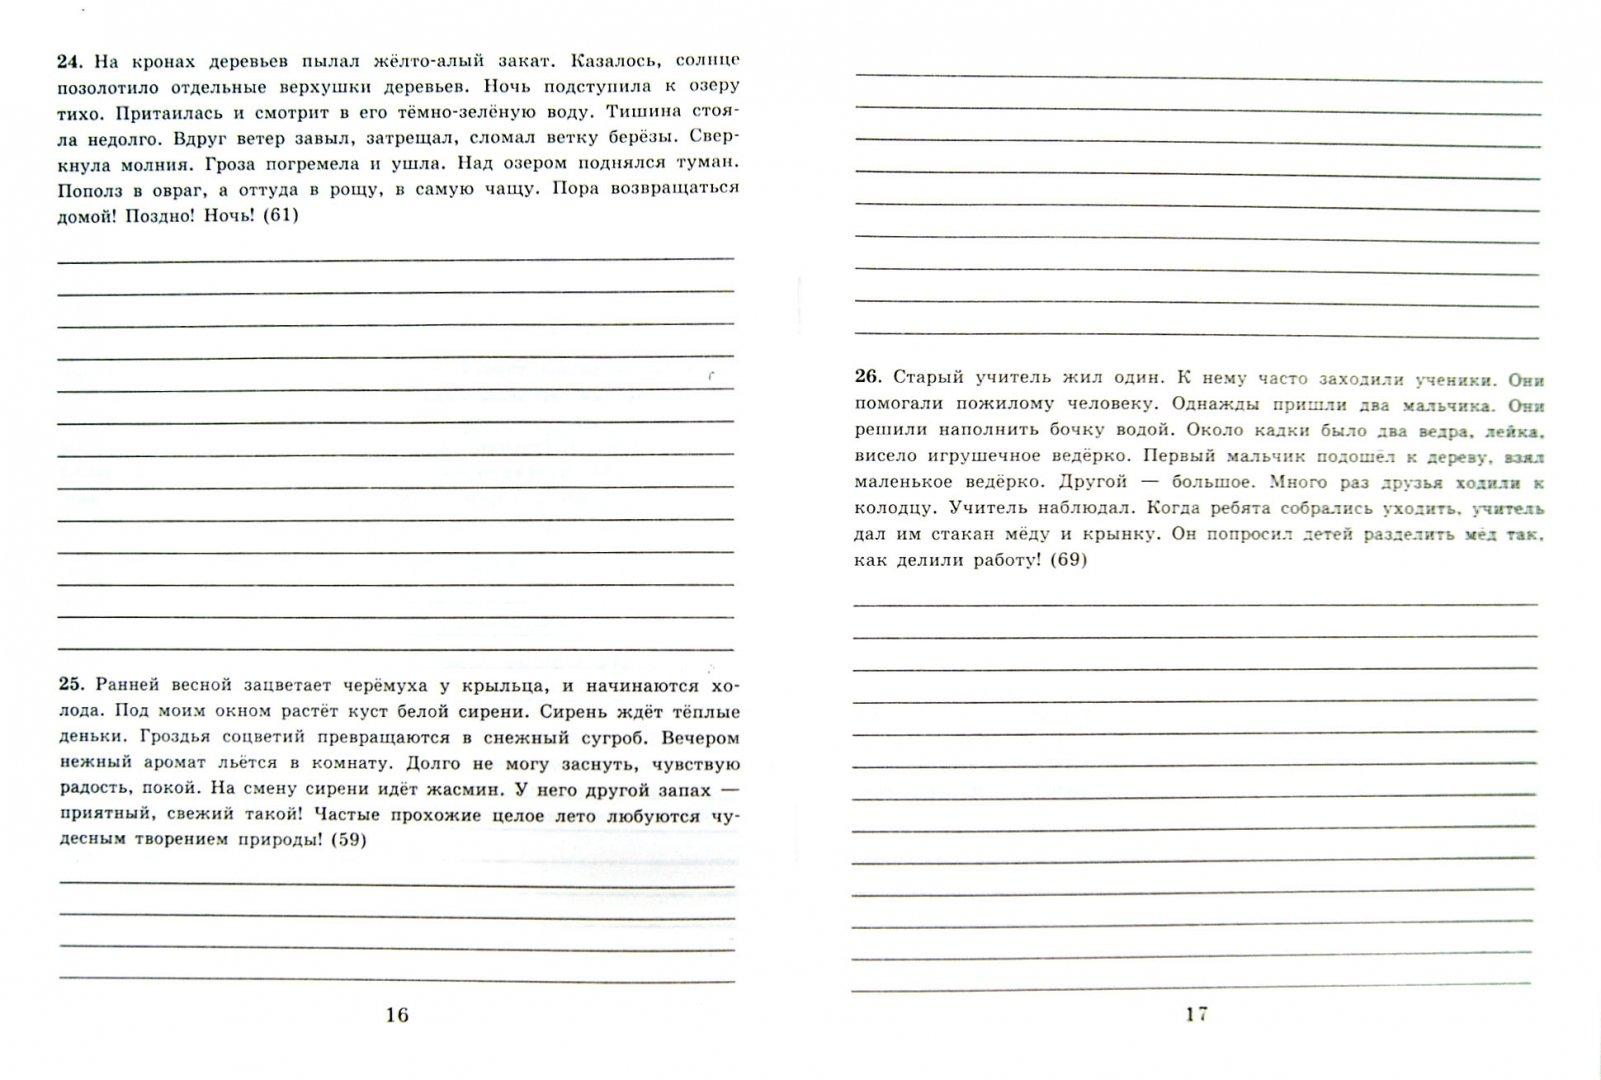 Иллюстрация 1 из 6 для Русский язык. 4 класс. Контрольное списывание. Тренировочные примеры. ФГОС - Марта Кузнецова | Лабиринт - книги. Источник: Лабиринт